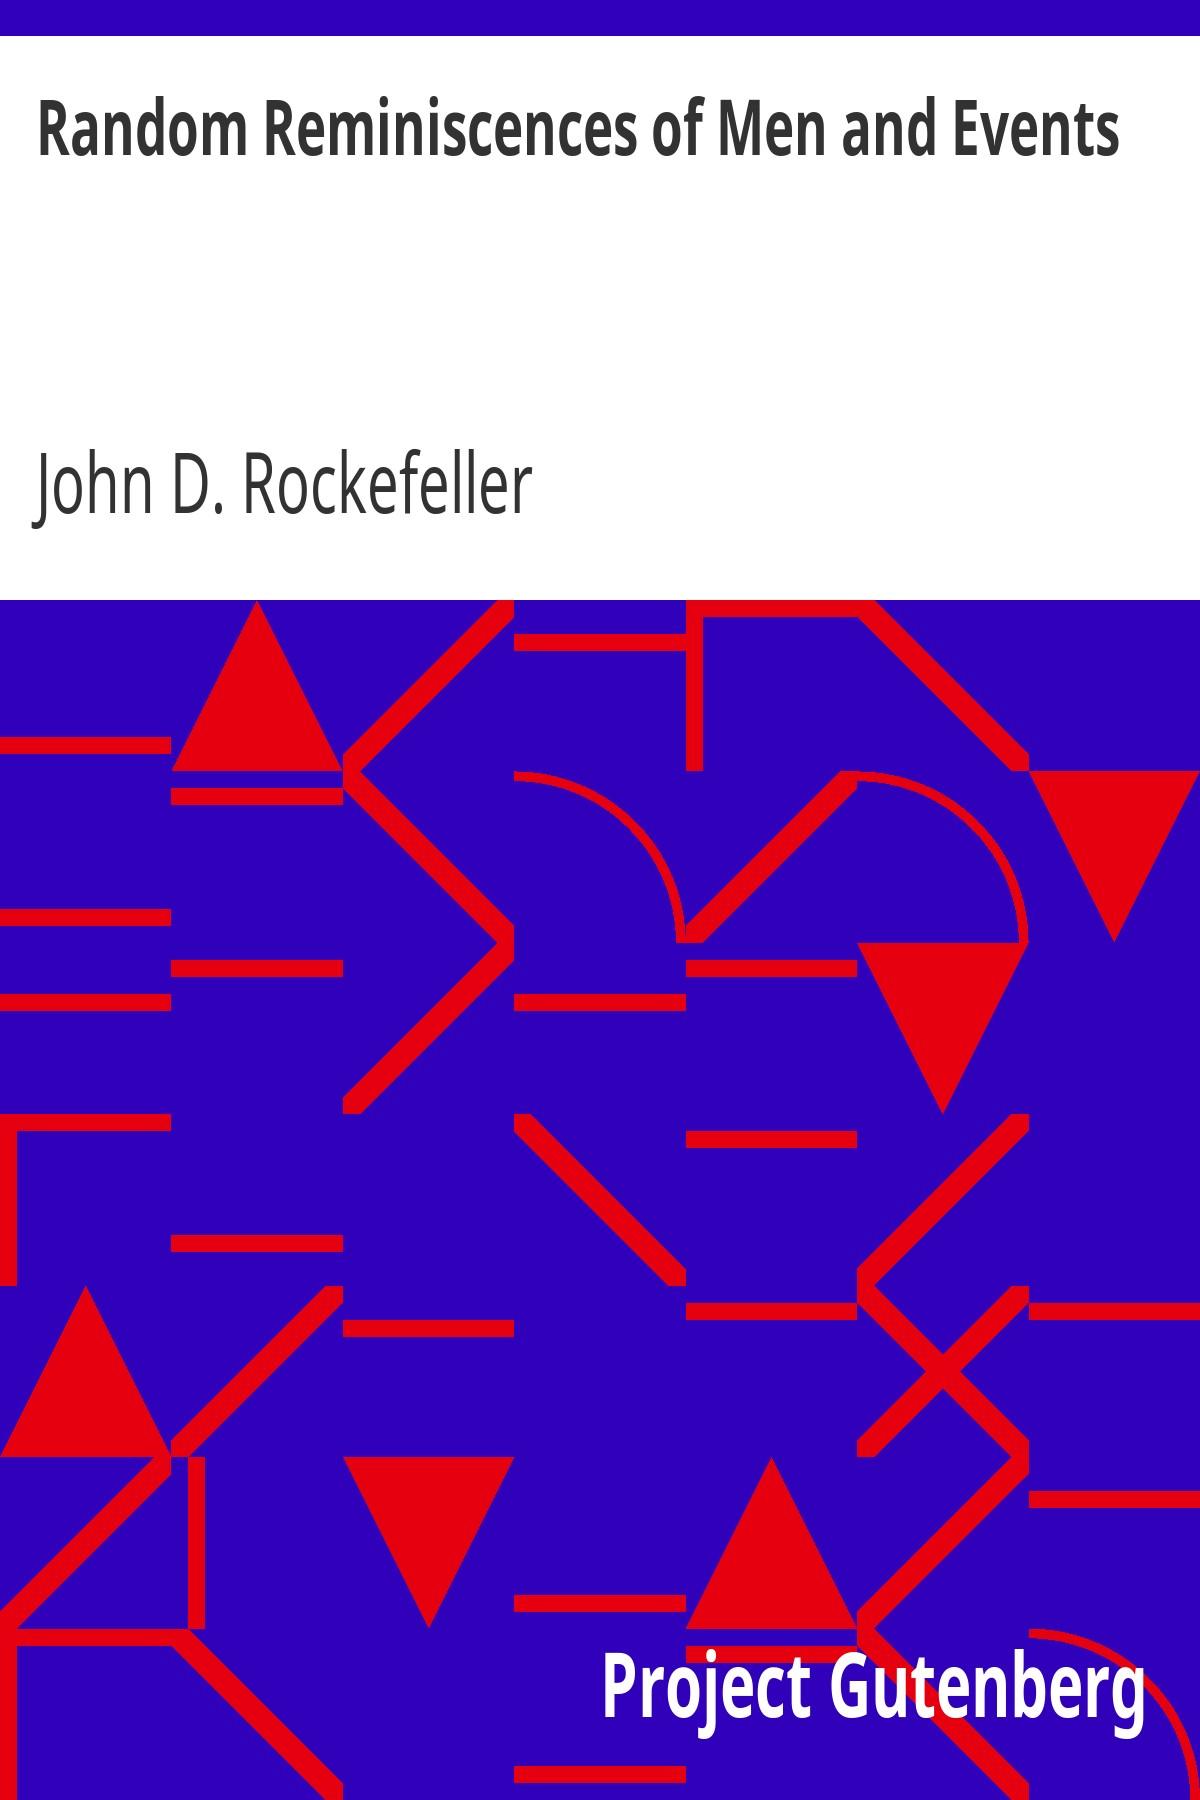 John Davison Rockefeller Random Reminiscences of Men and Events